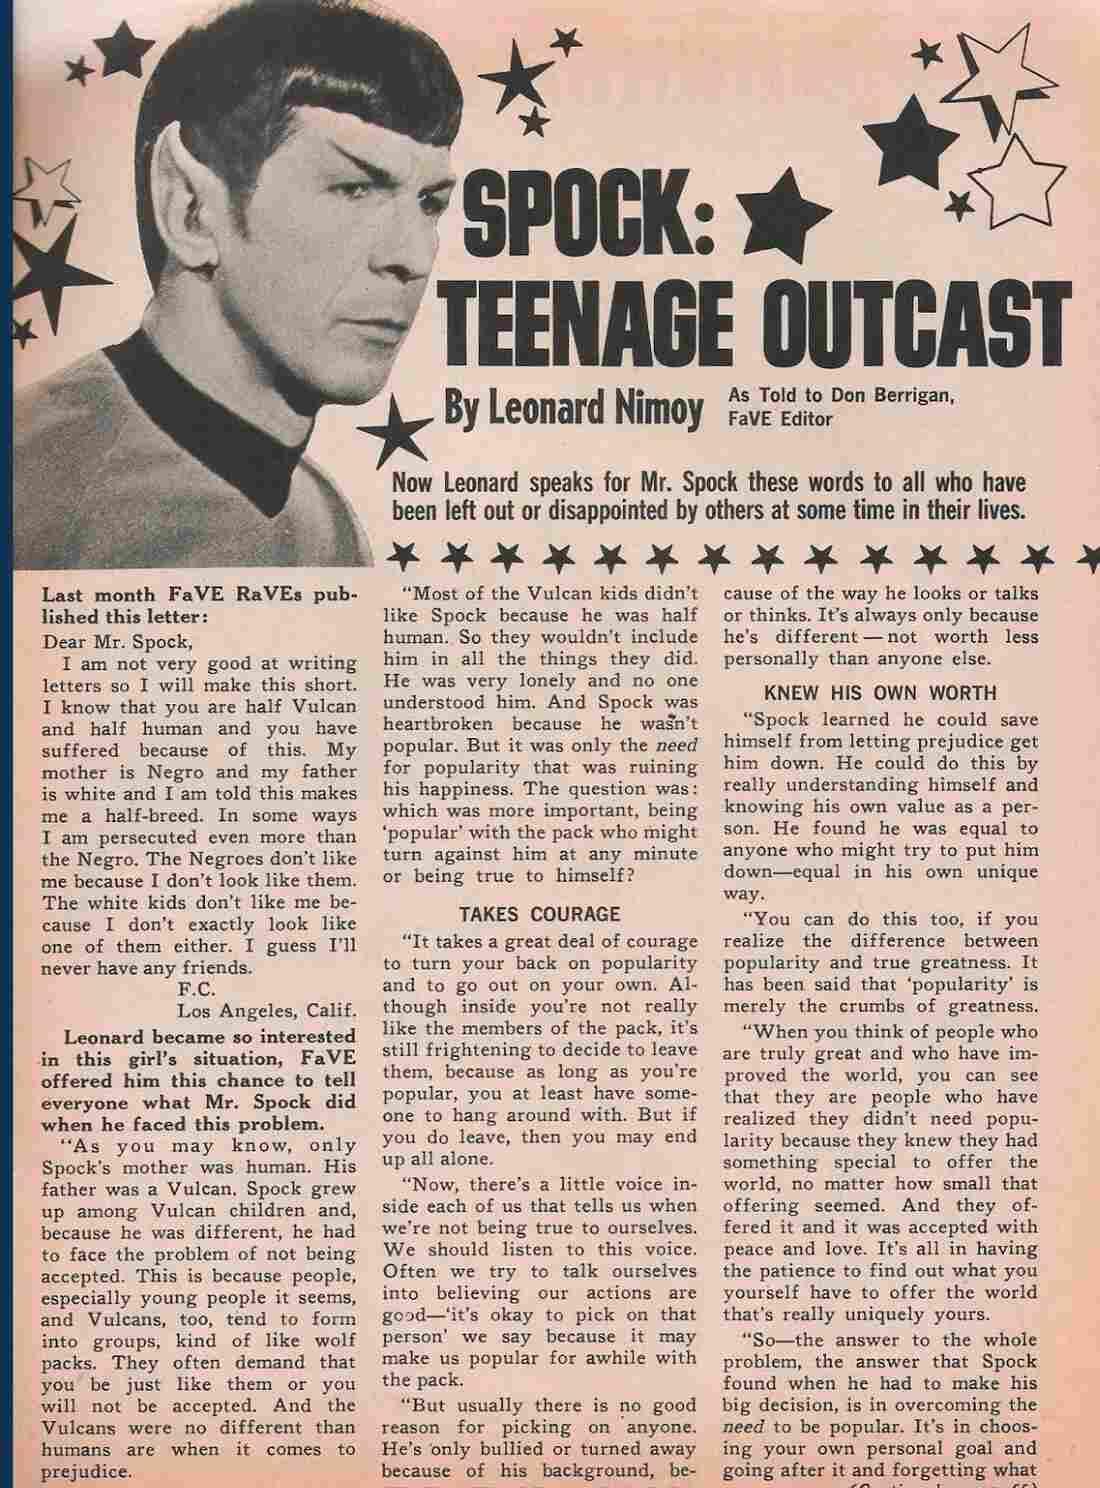 Spock teen outcast 1 1  custom 401c0a3c8634e1d05e8039dbfd7703fc551b20c1 s1100 c15